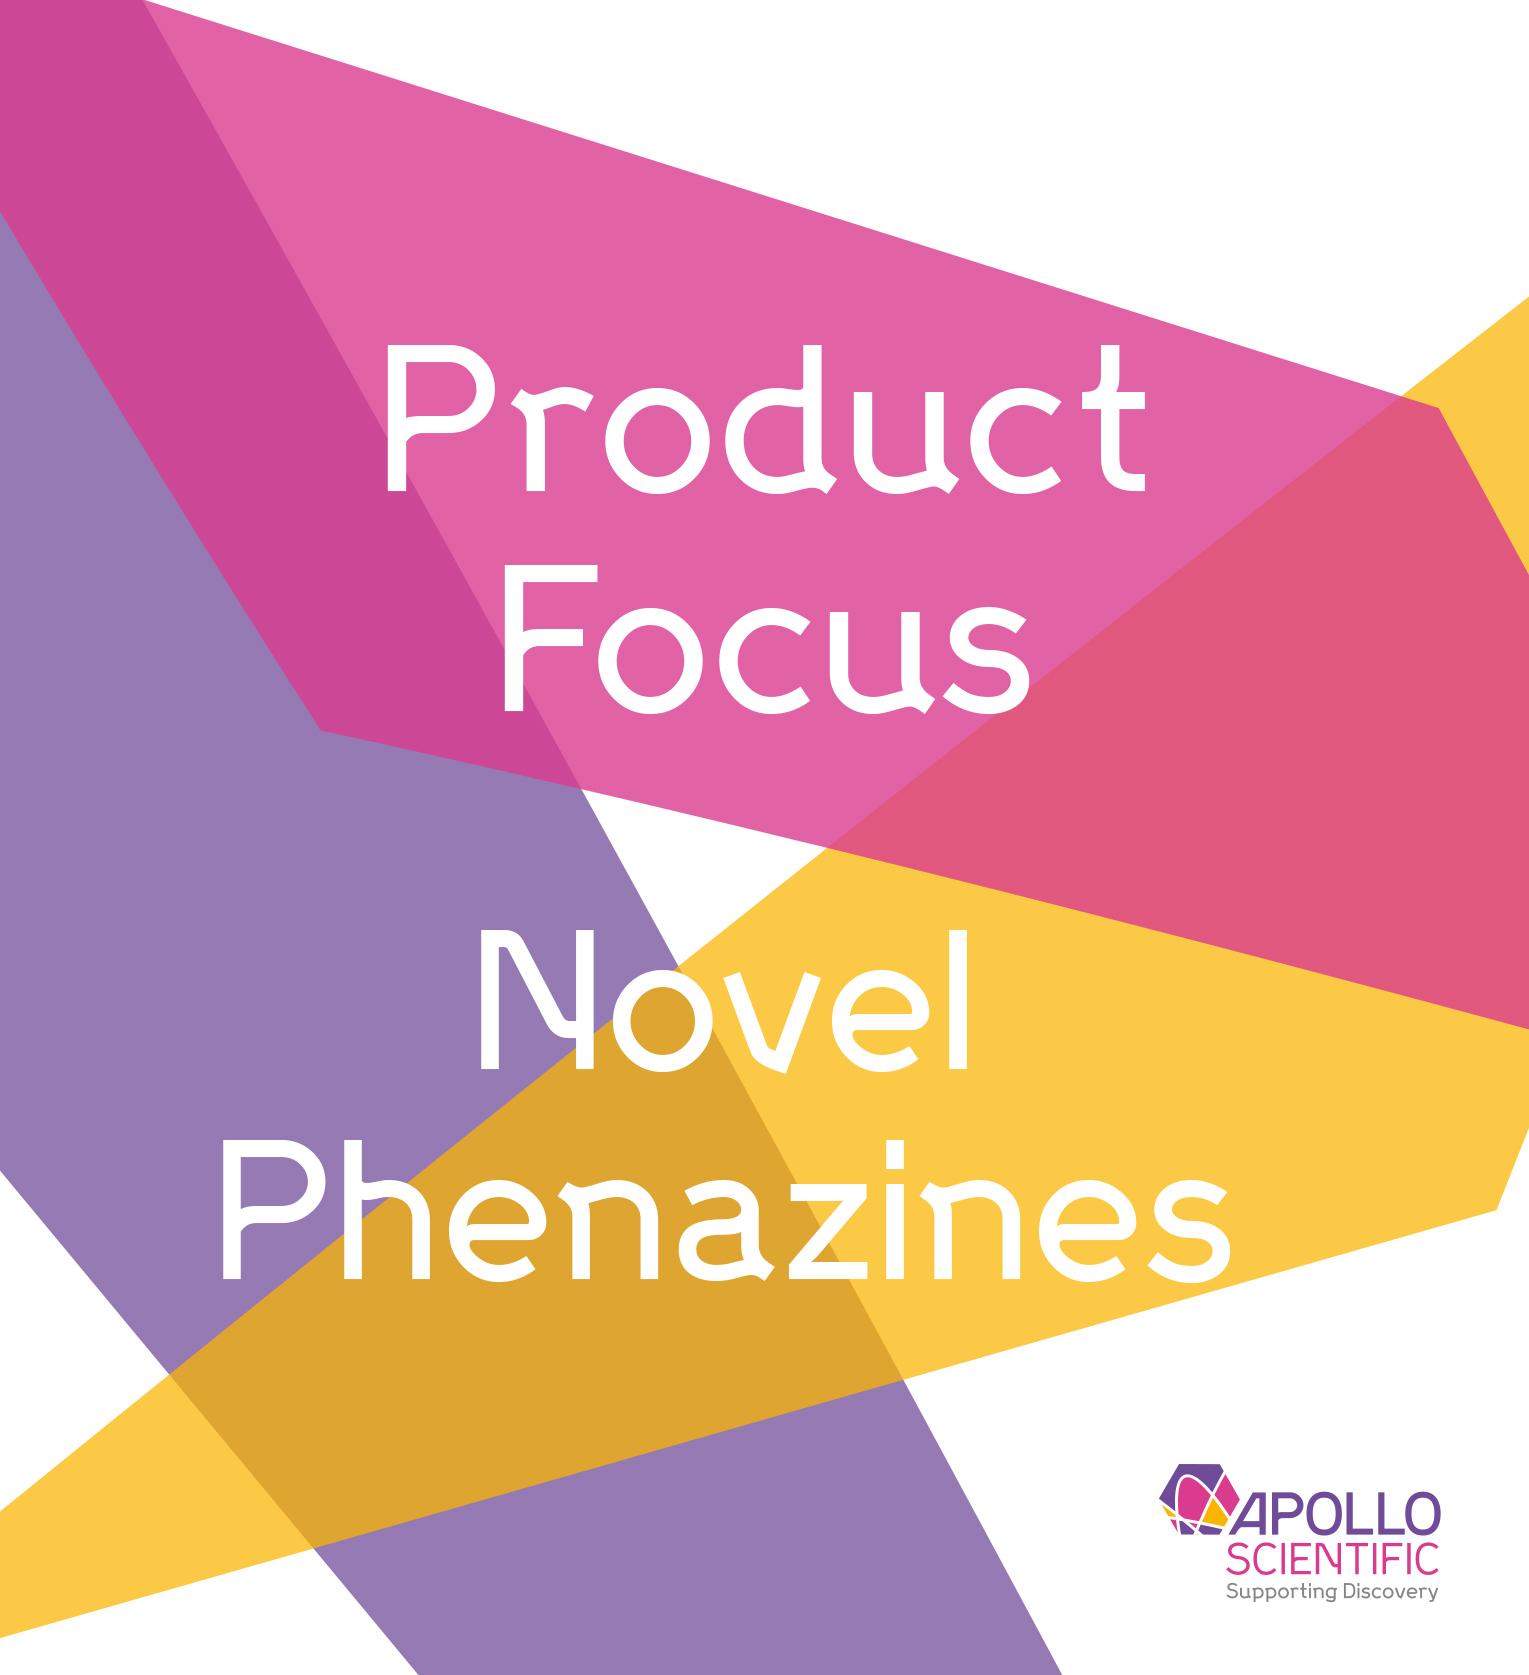 Product Focus – Novel Phenazines thumbnail image